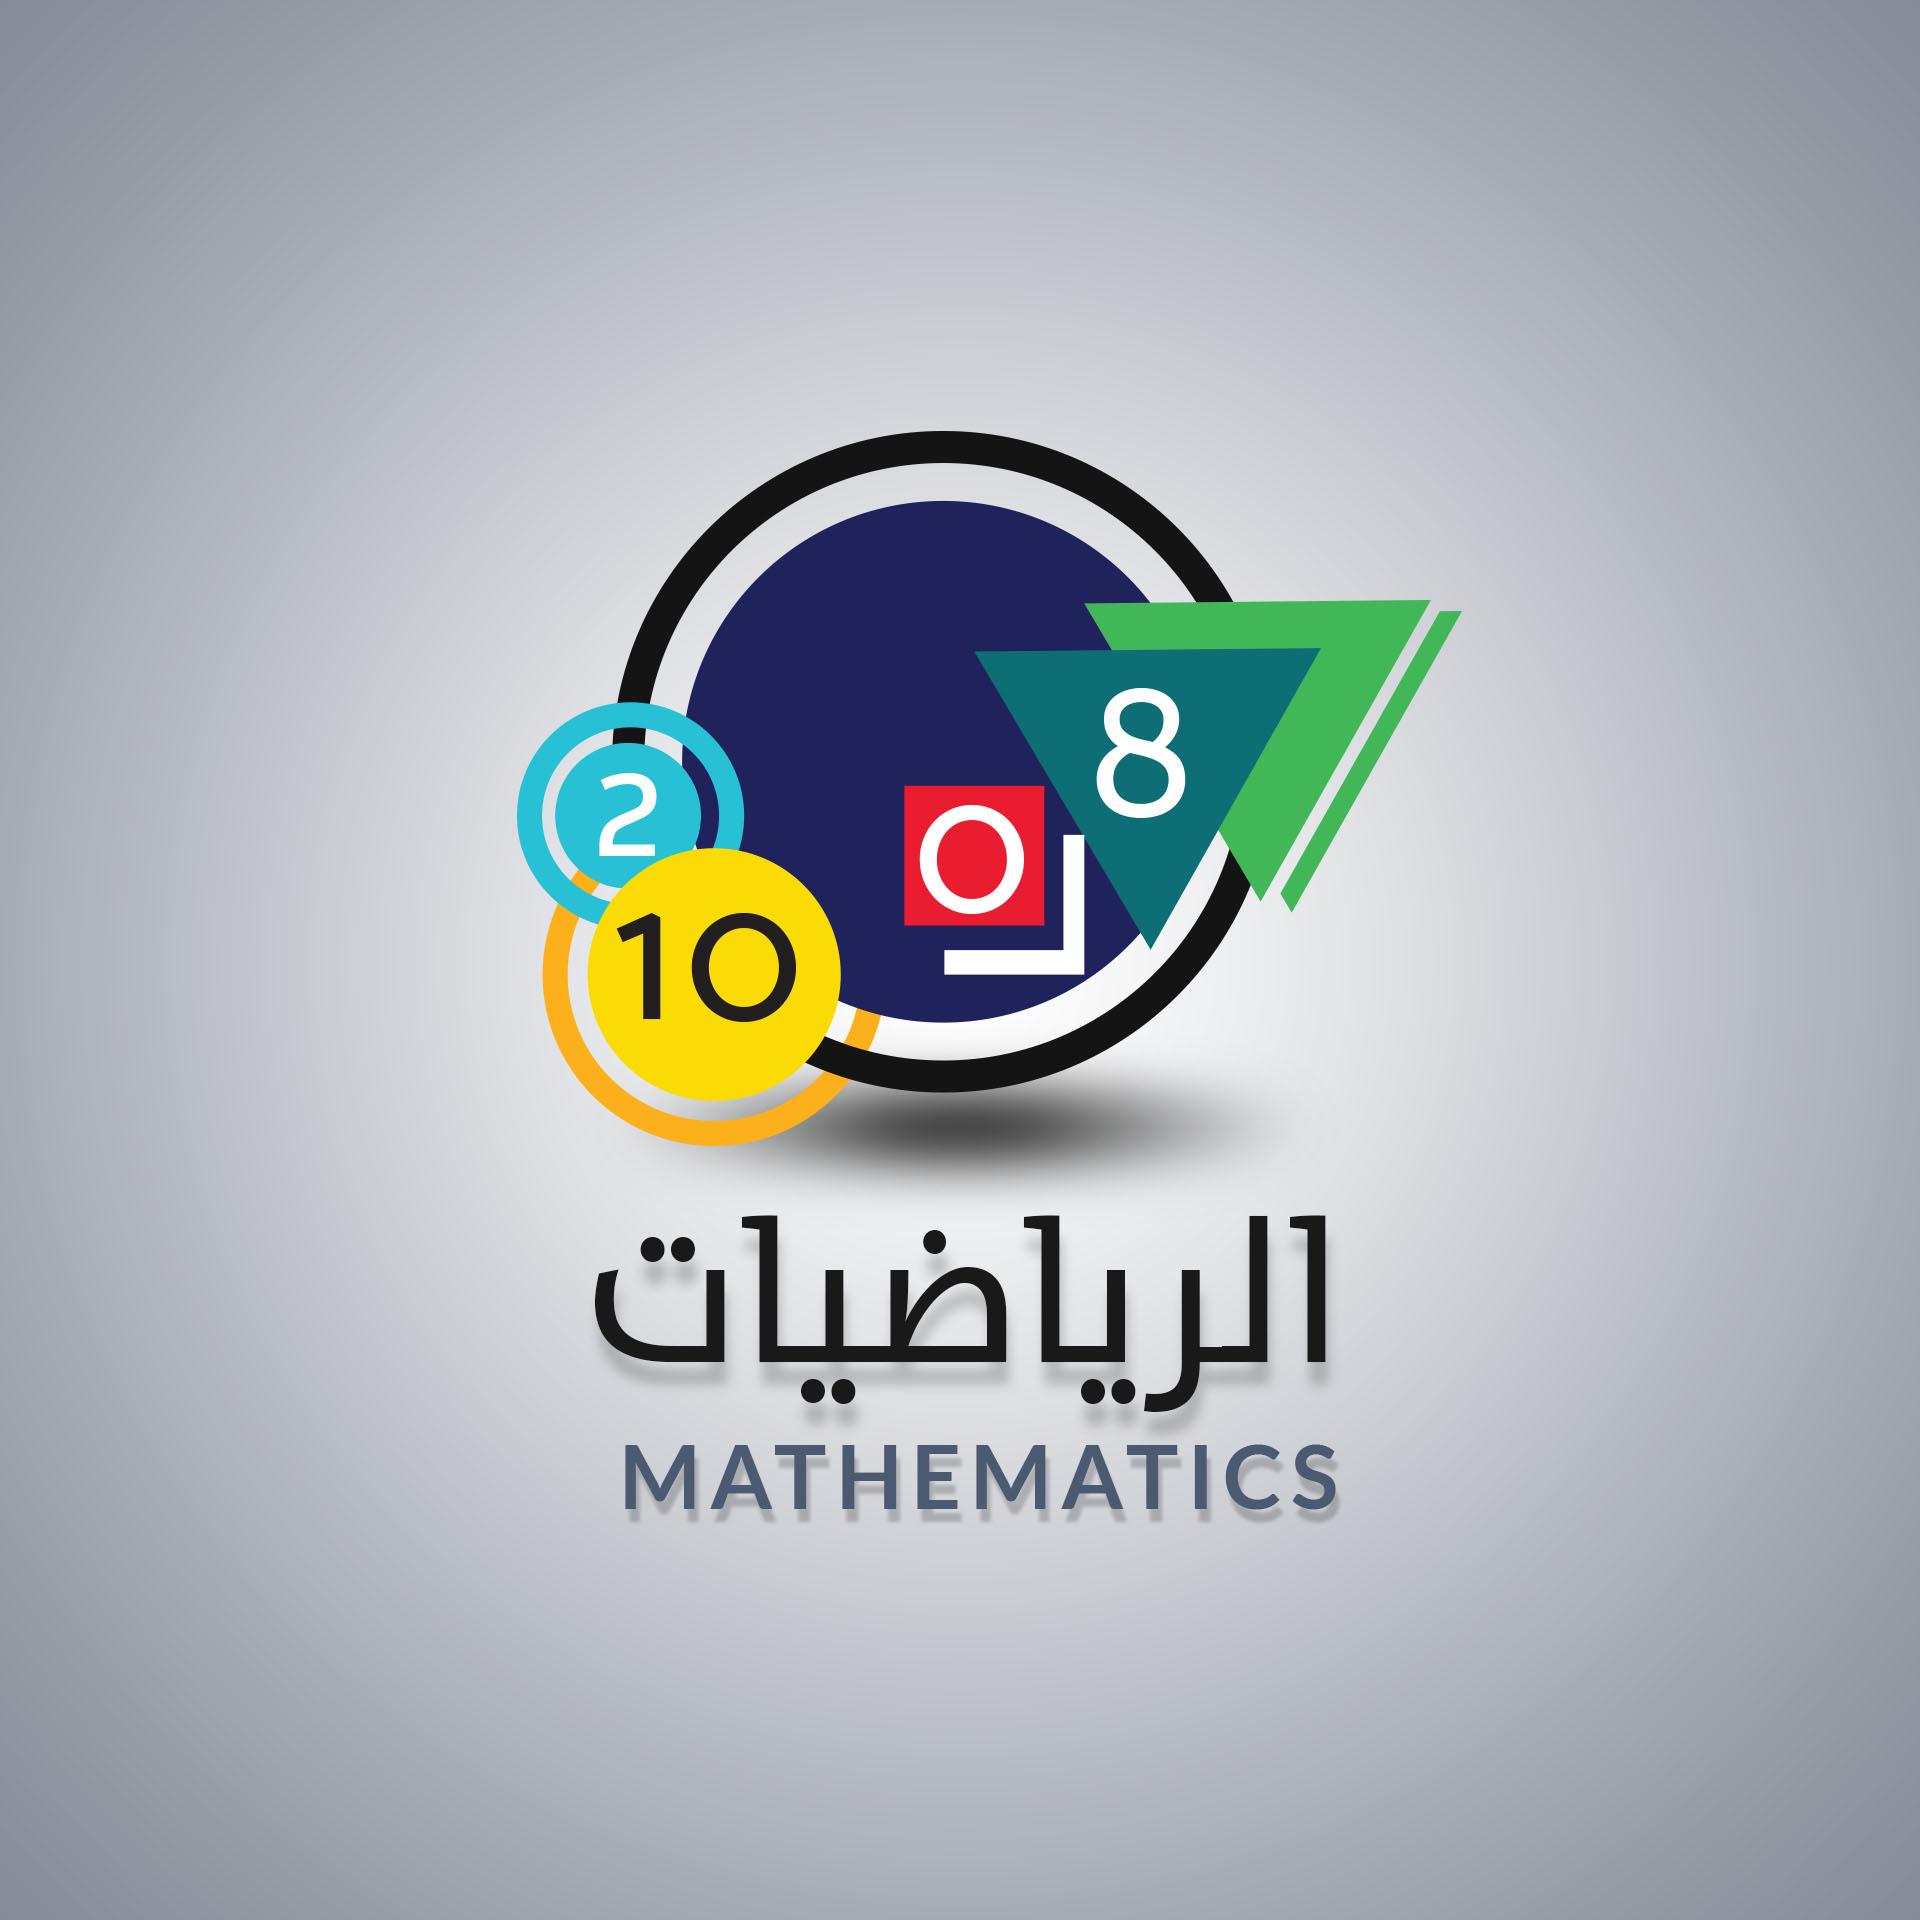 شعار لمادة الرياضيات